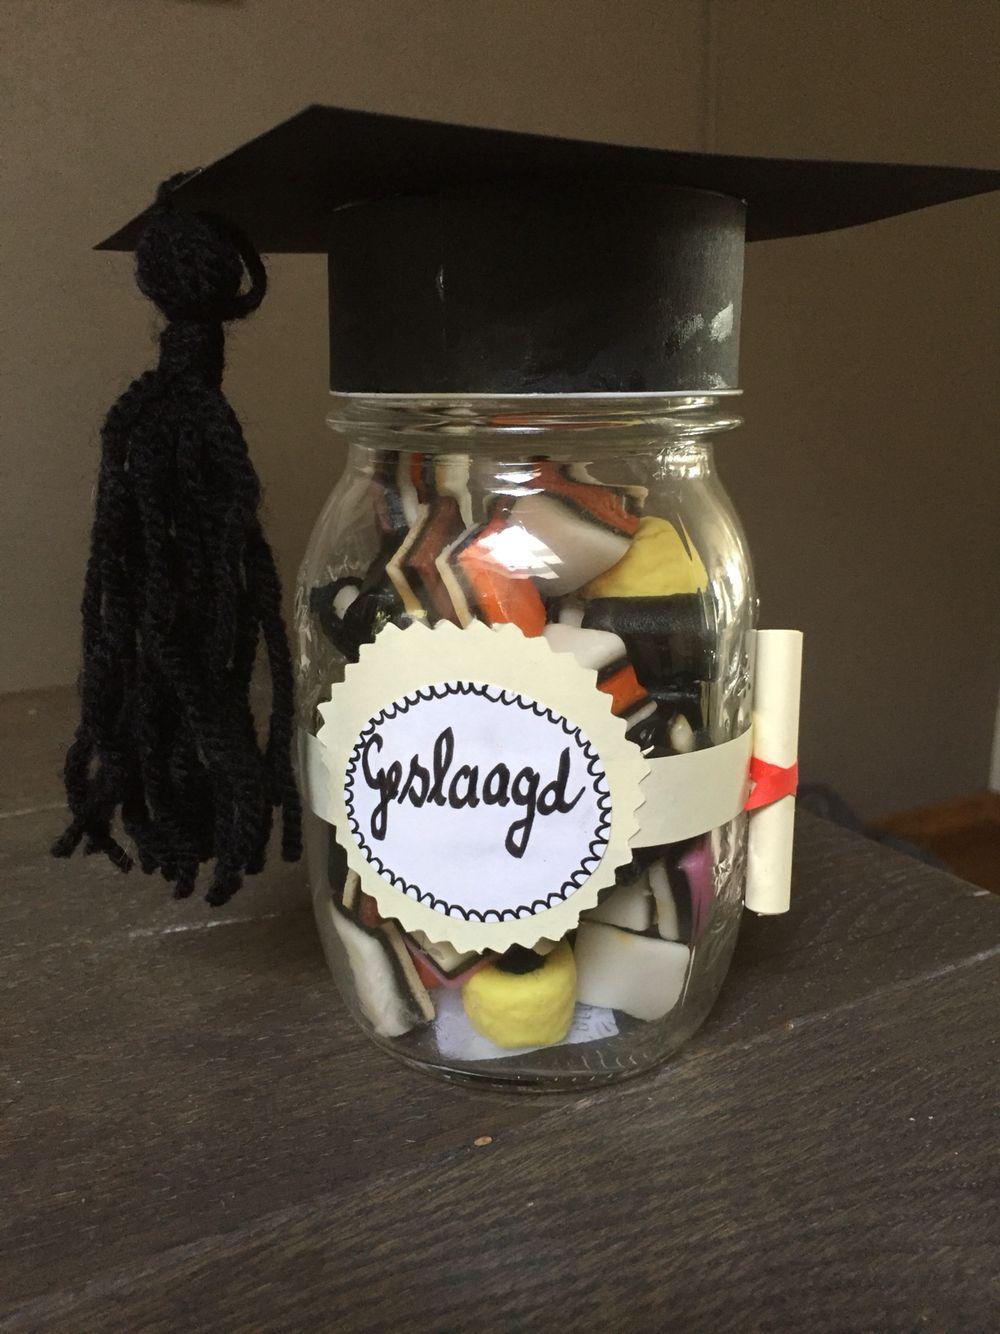 Top Geldgeschenk geslaagd | cadeautje geslaagd | Pinterest | Gift  &MB23